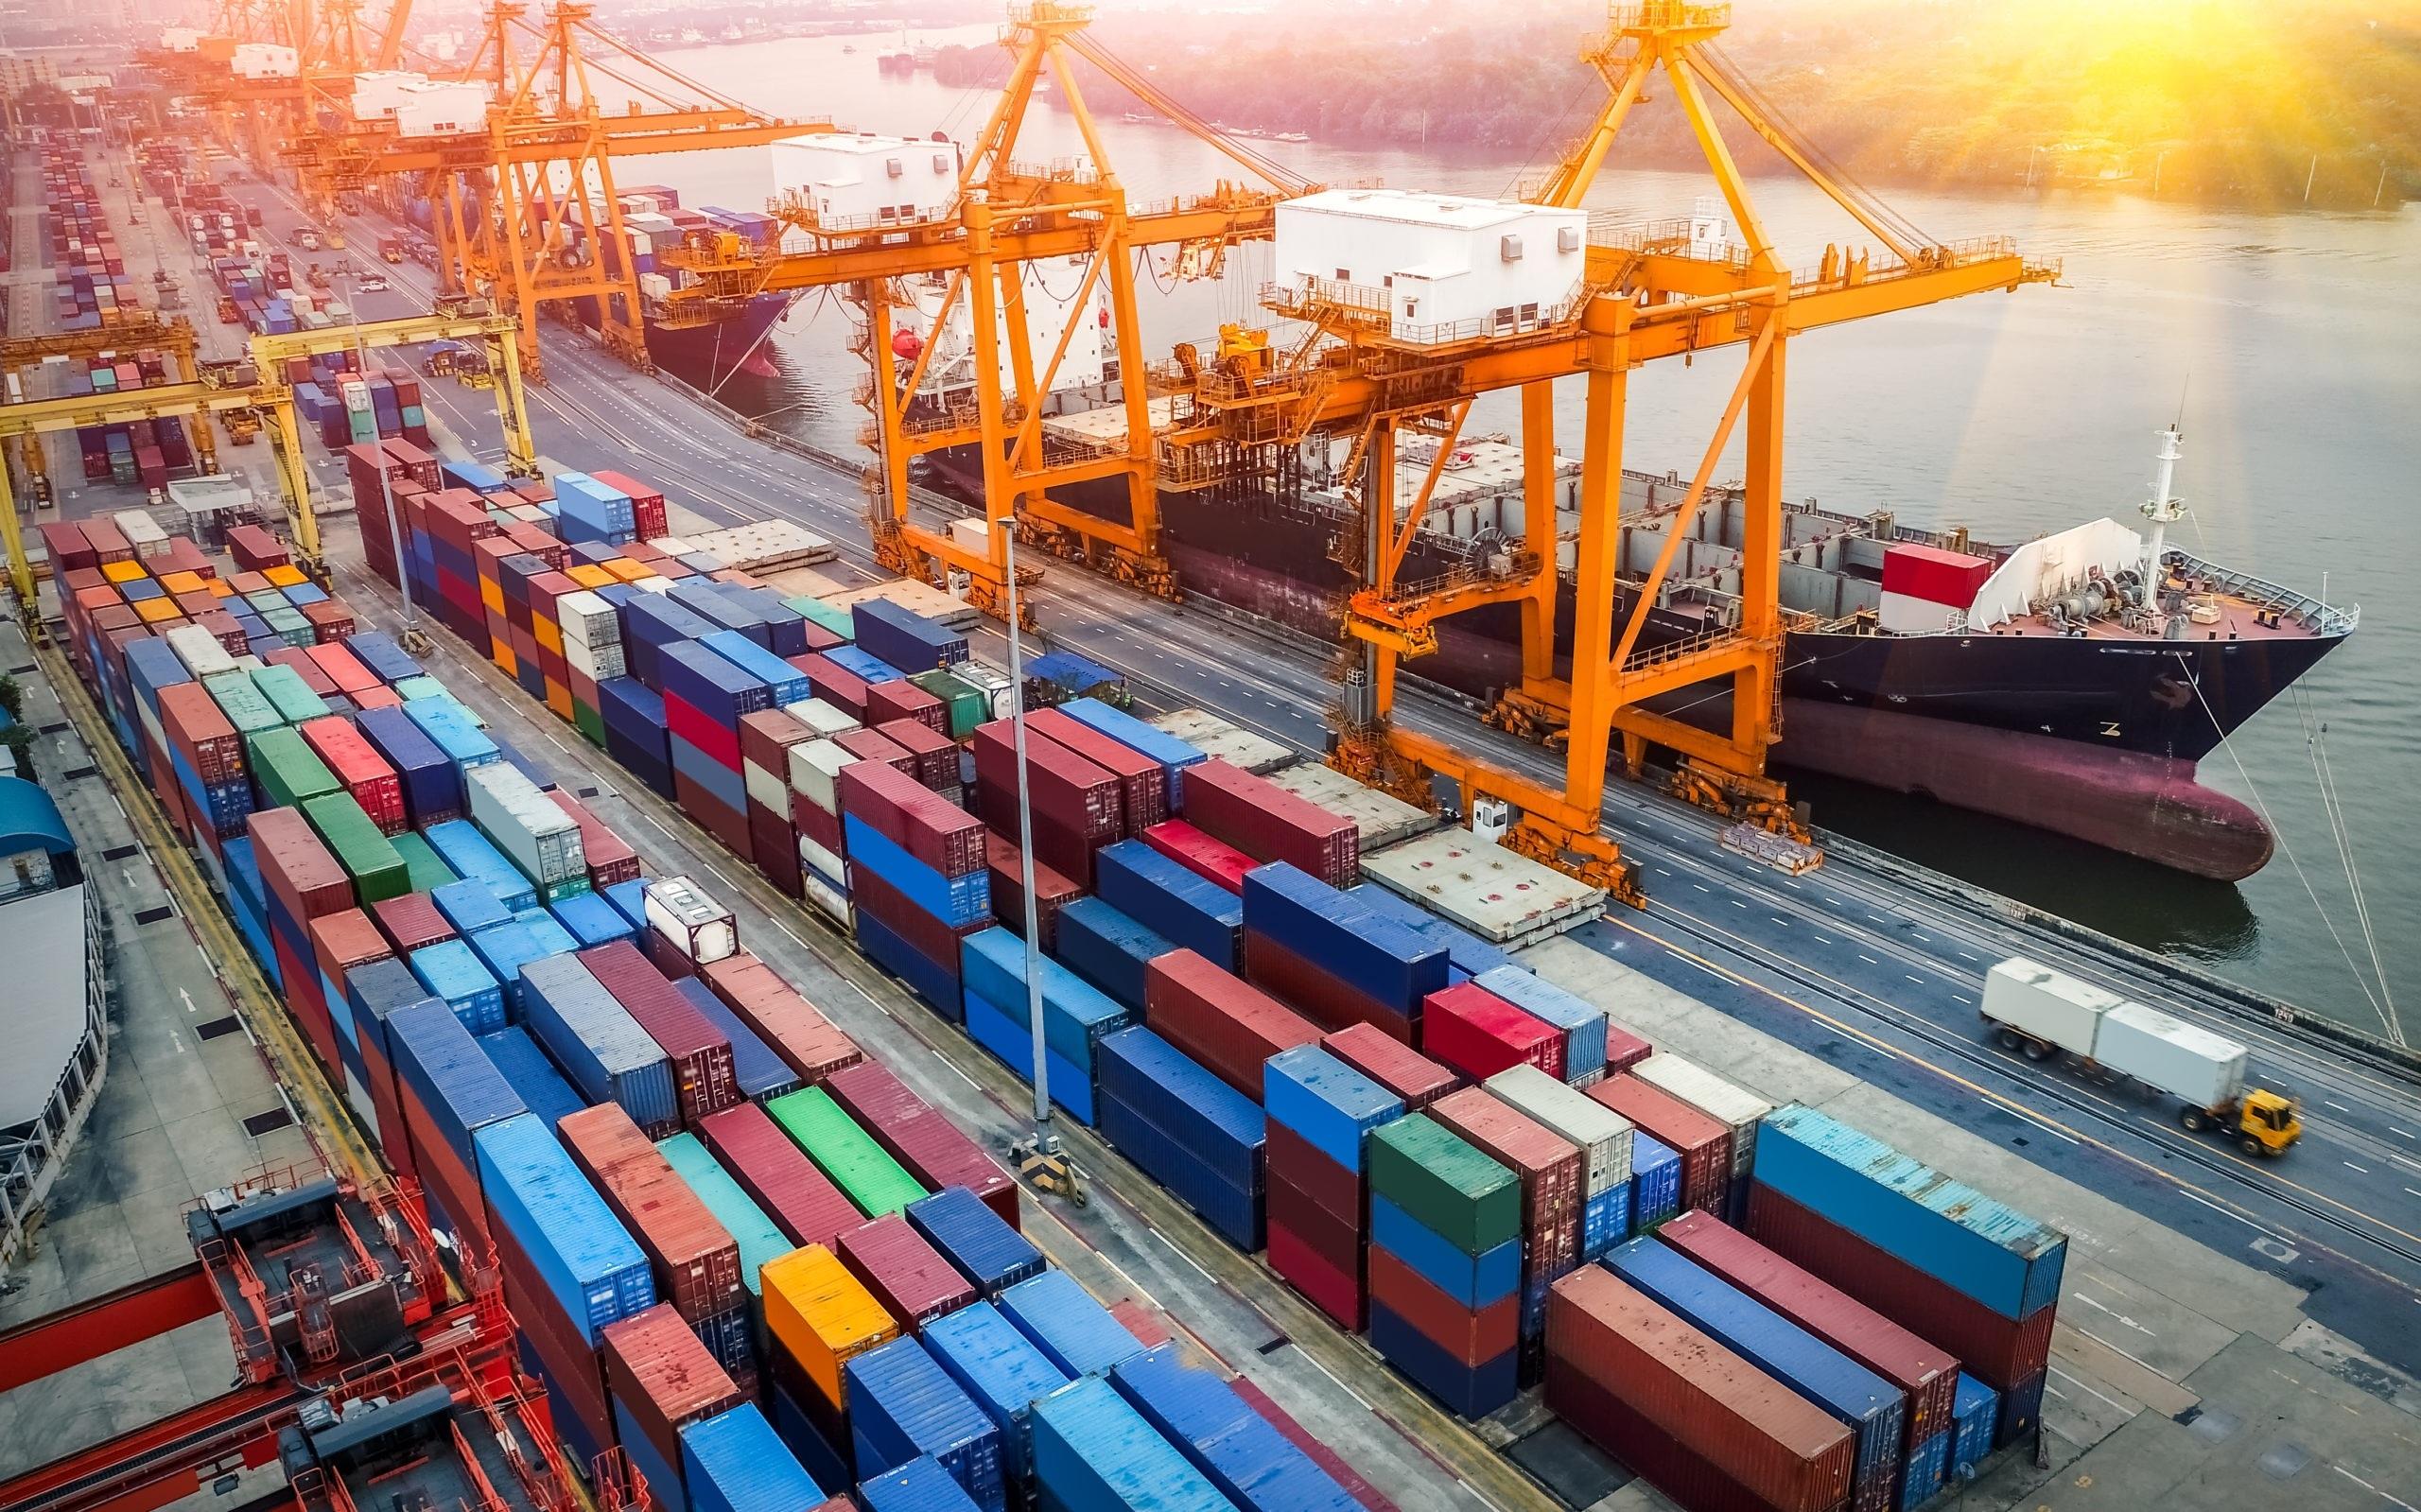 Kinh tế Việt Nam năm 2035 xếp 19 thế giới: Đừng chỉ hoài nghi, cười khẩy! - 6